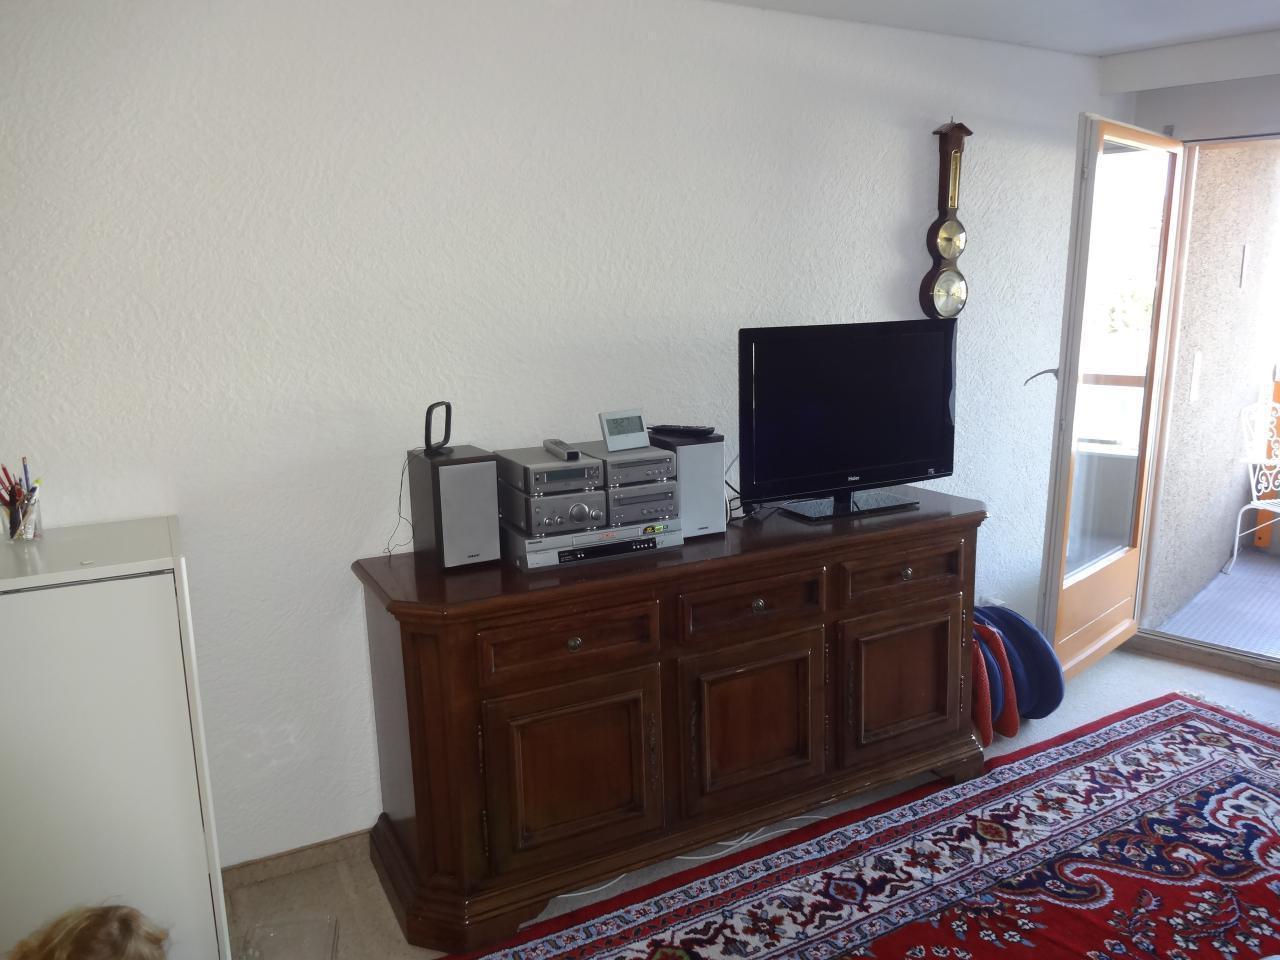 Holiday apartment Wohnung mit herrlichem Blick auf den Pilatus (1087413), Weggis, Weggis - Vitznau - Rigi, Central Switzerland, Switzerland, picture 6